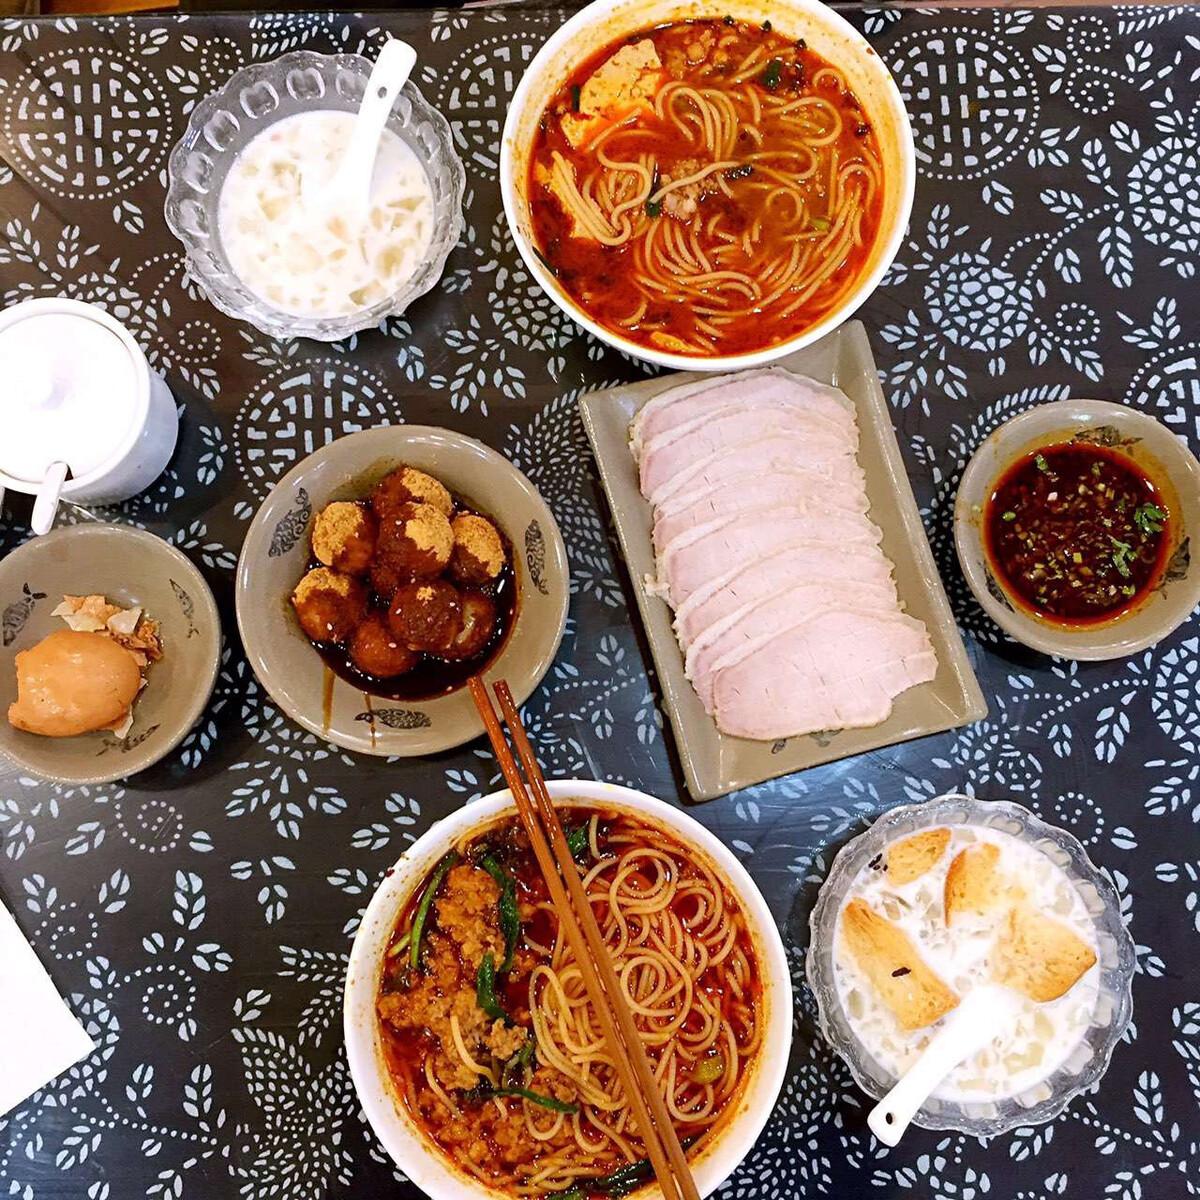 黄山大理必云南吃美食图片